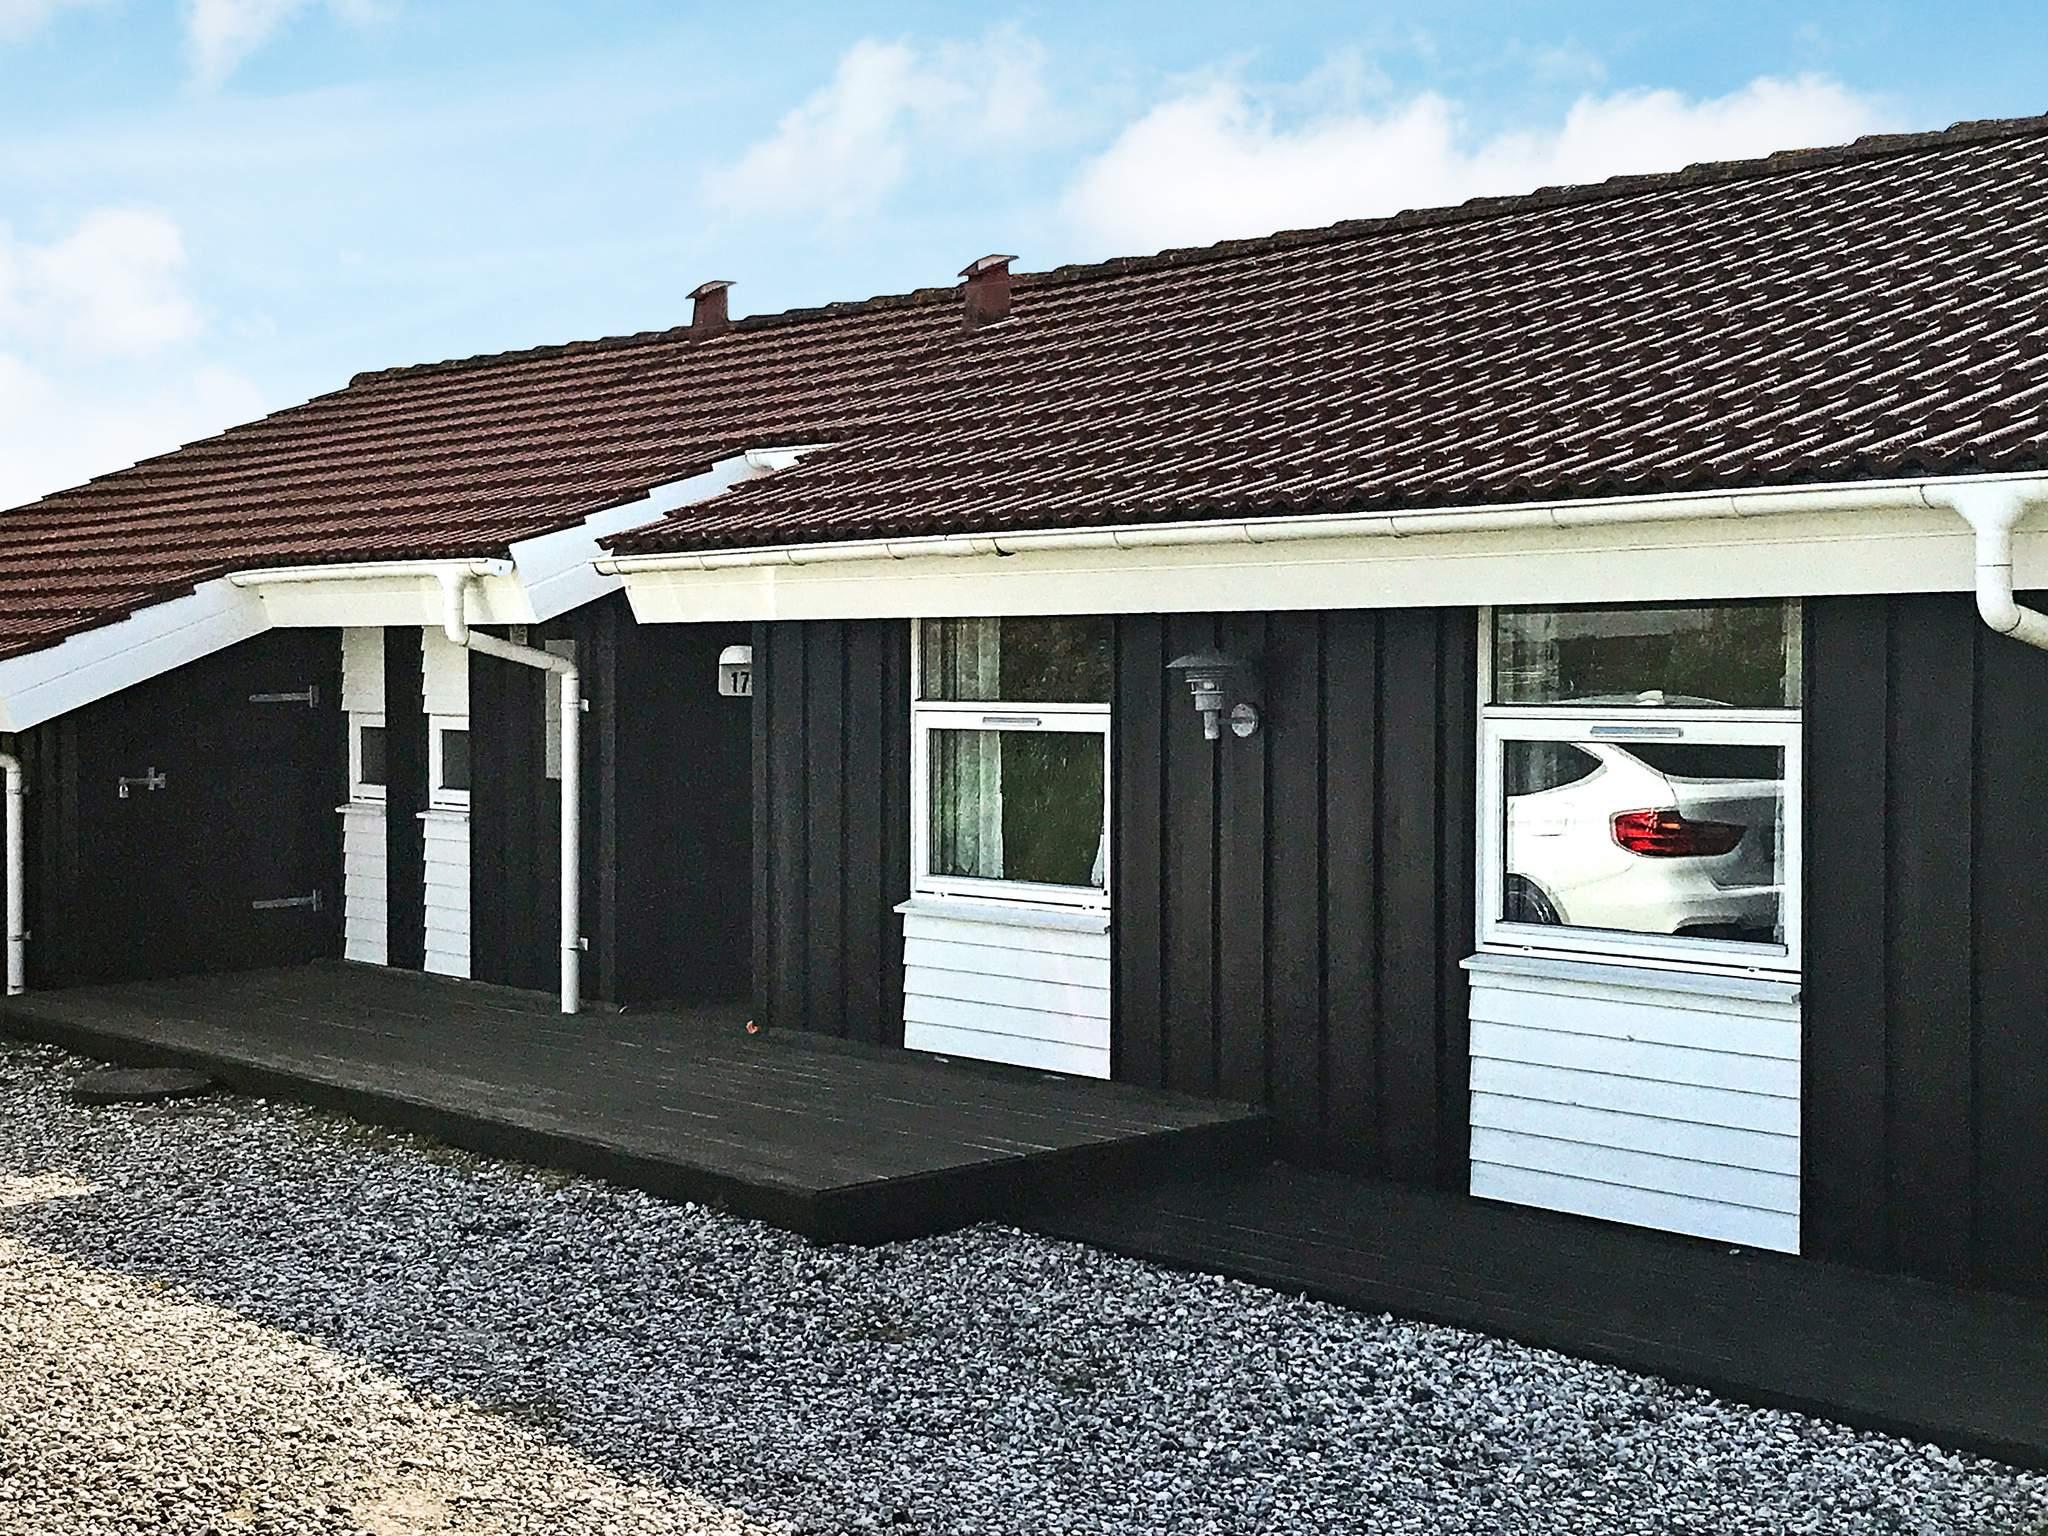 Ferienhaus Løkken (84407), Løkken, , Nordwestjütland, Dänemark, Bild 21